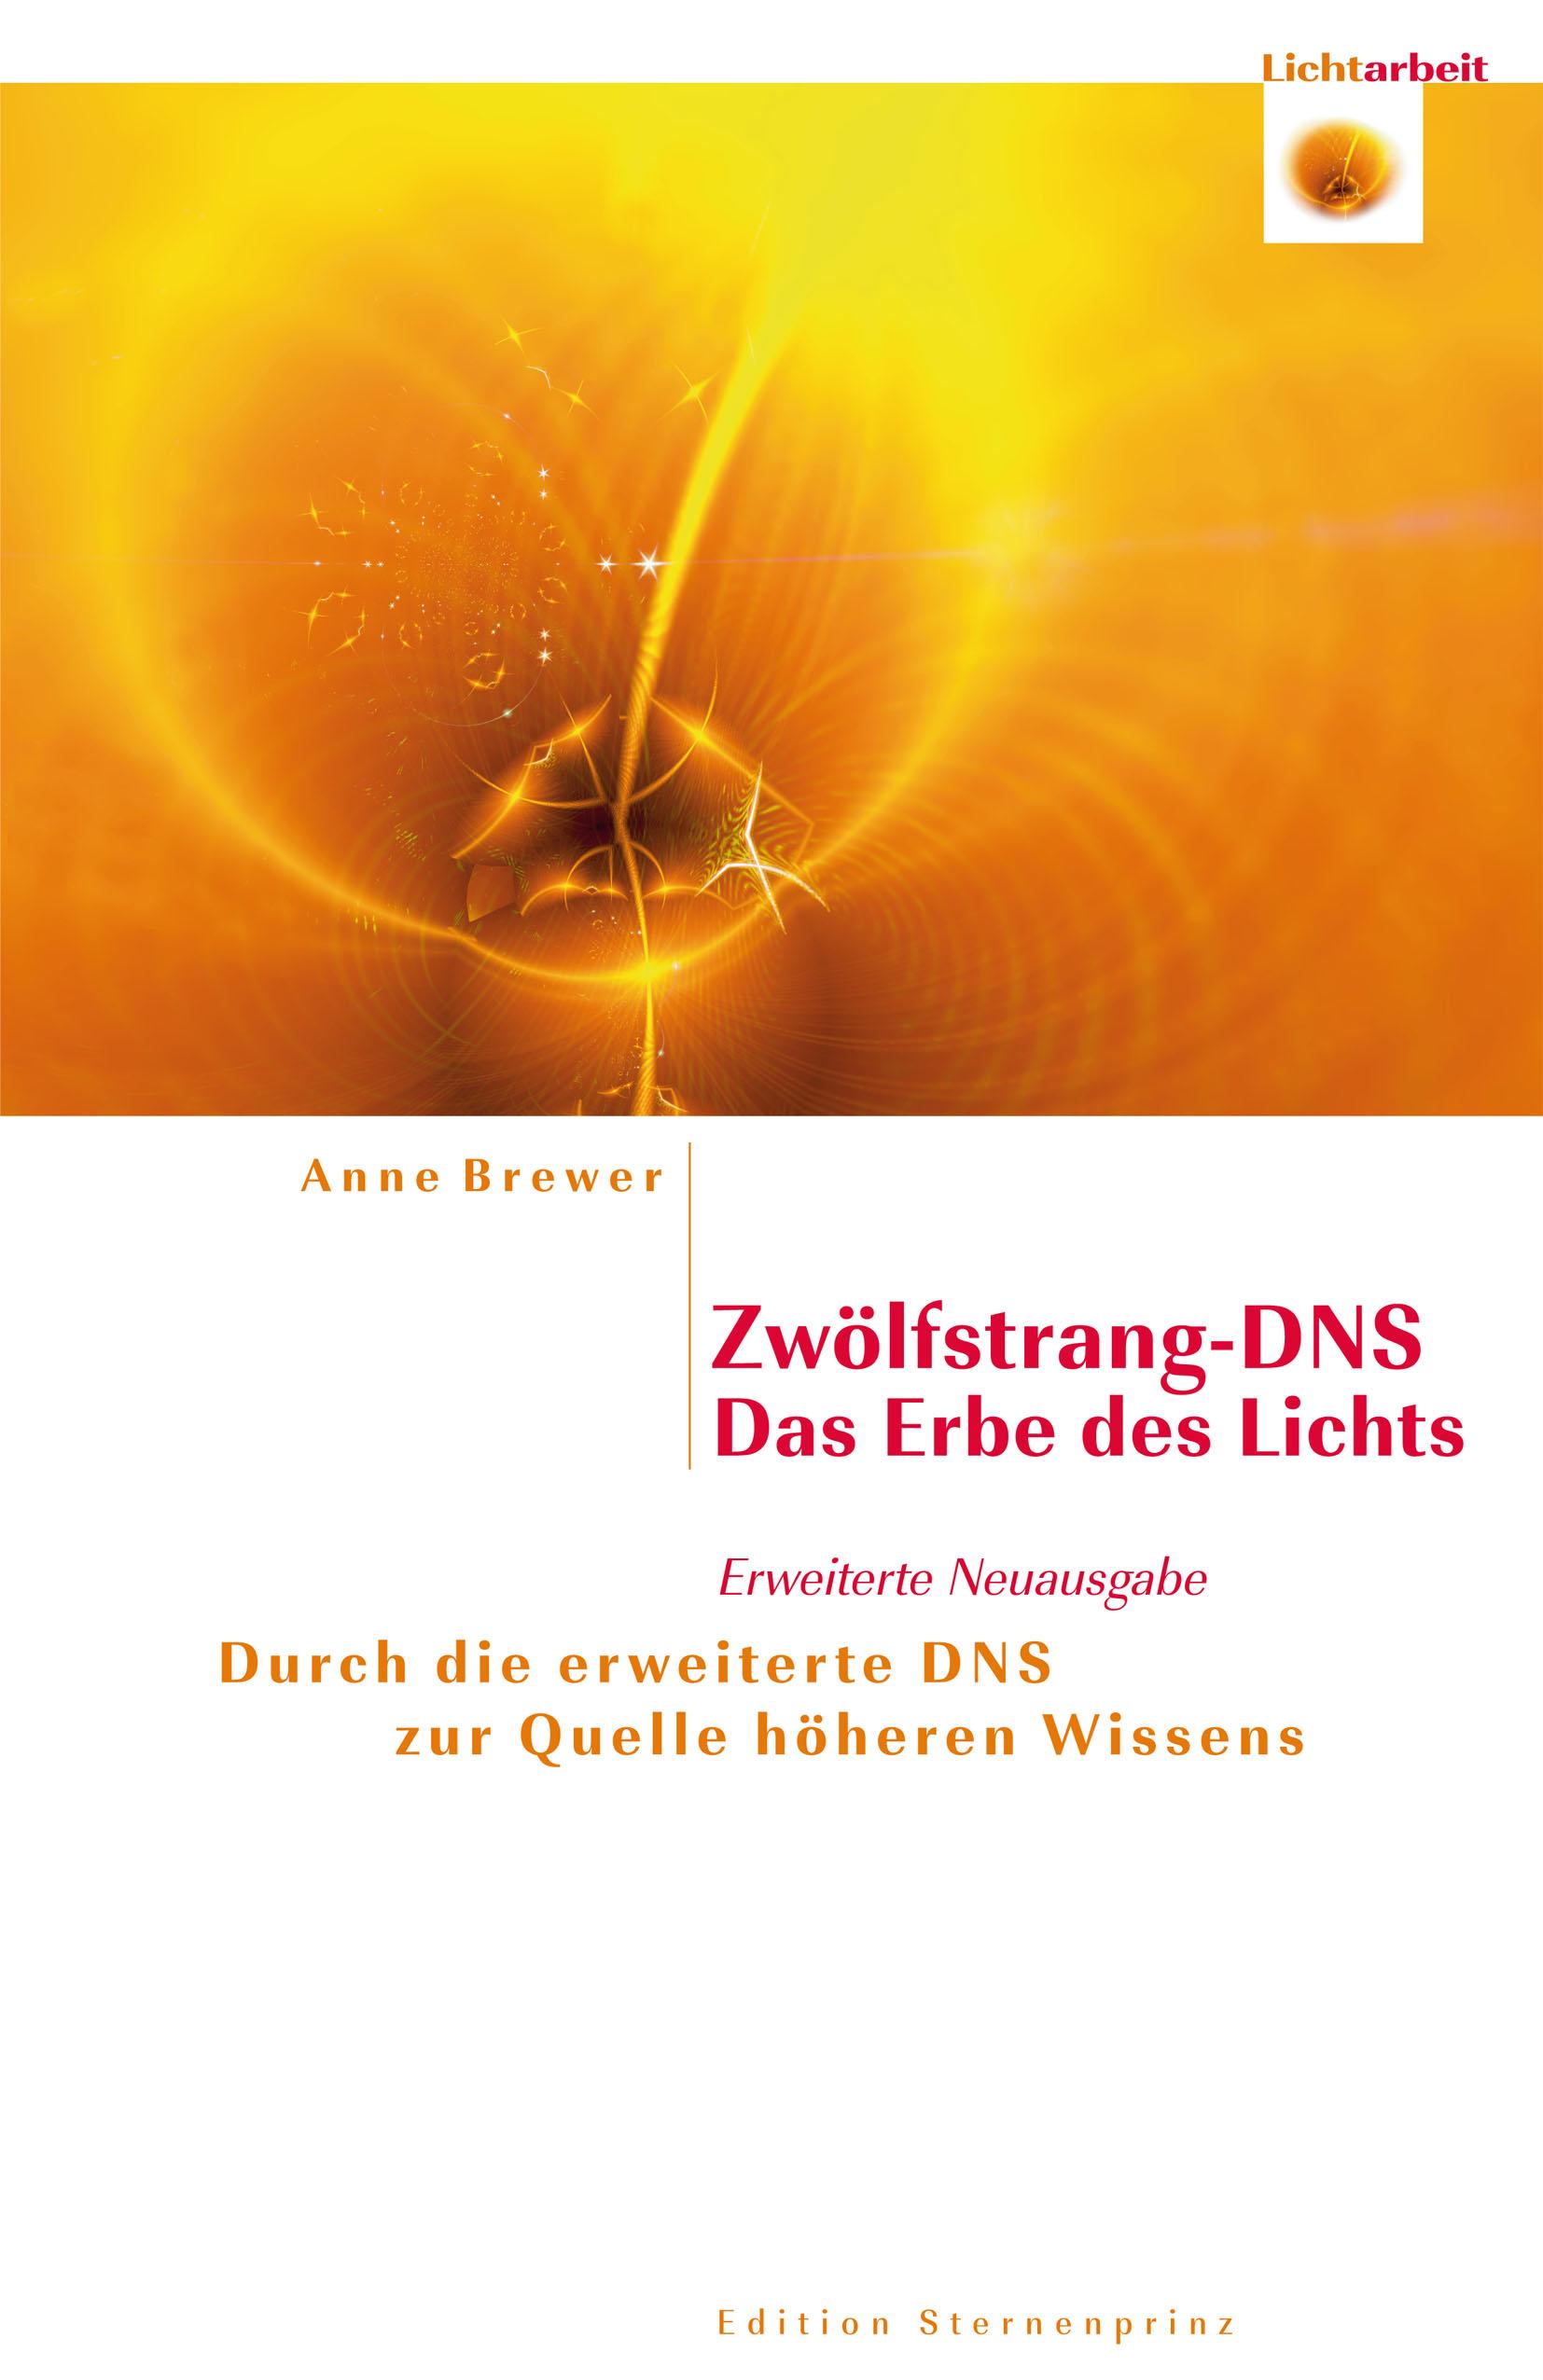 Zwölfstrang-DNS - Das Erbe des Lichts: Durch di...